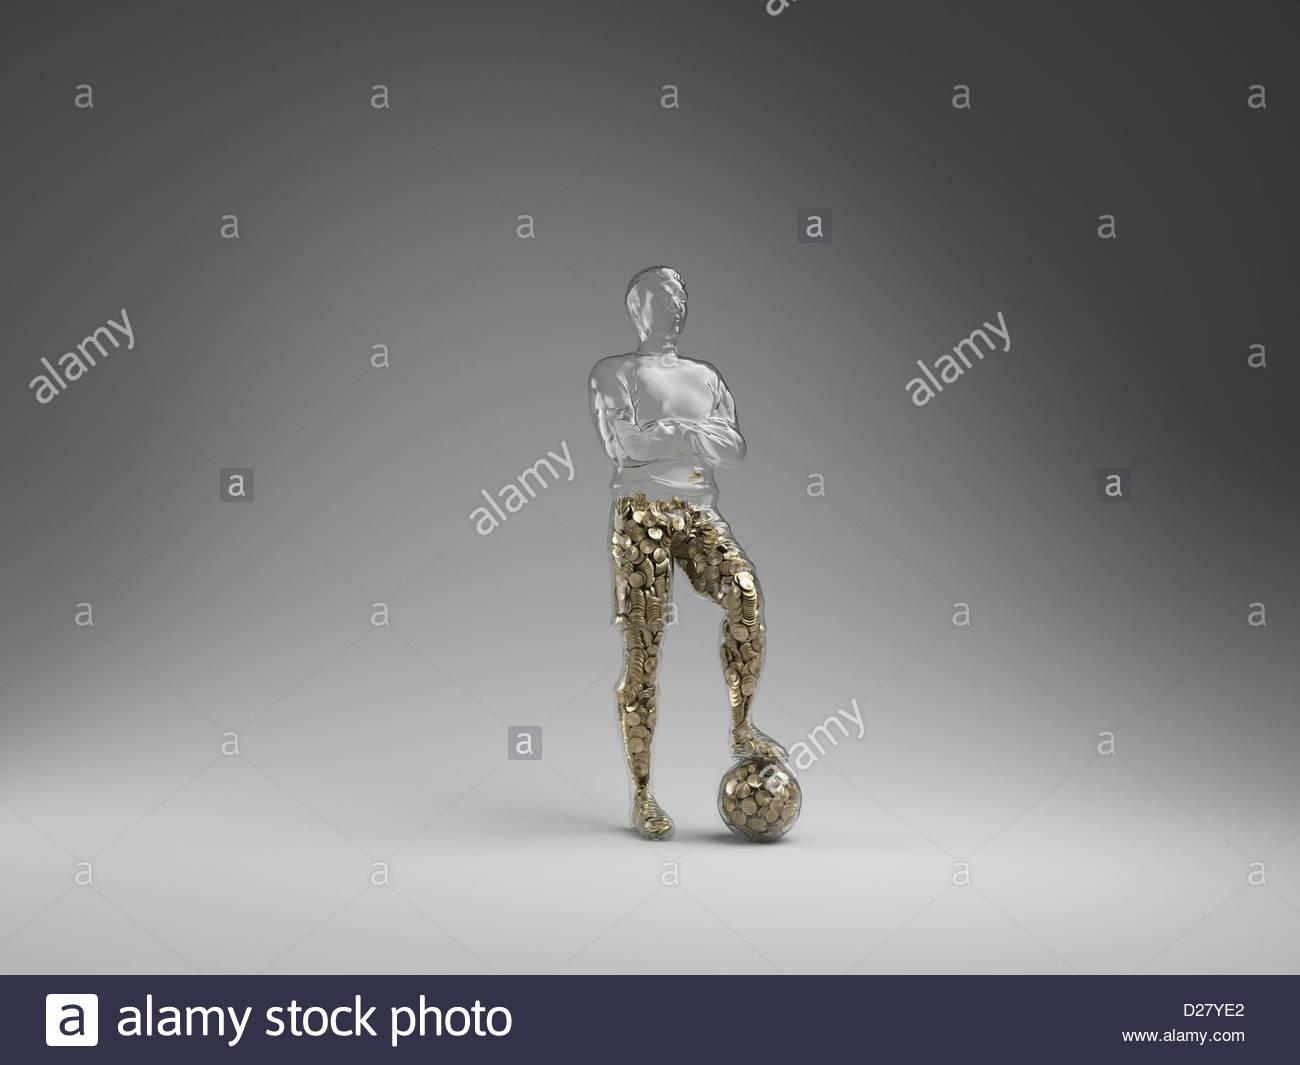 Monedas llenando la mitad de jugador de fútbol hueco Imagen De Stock